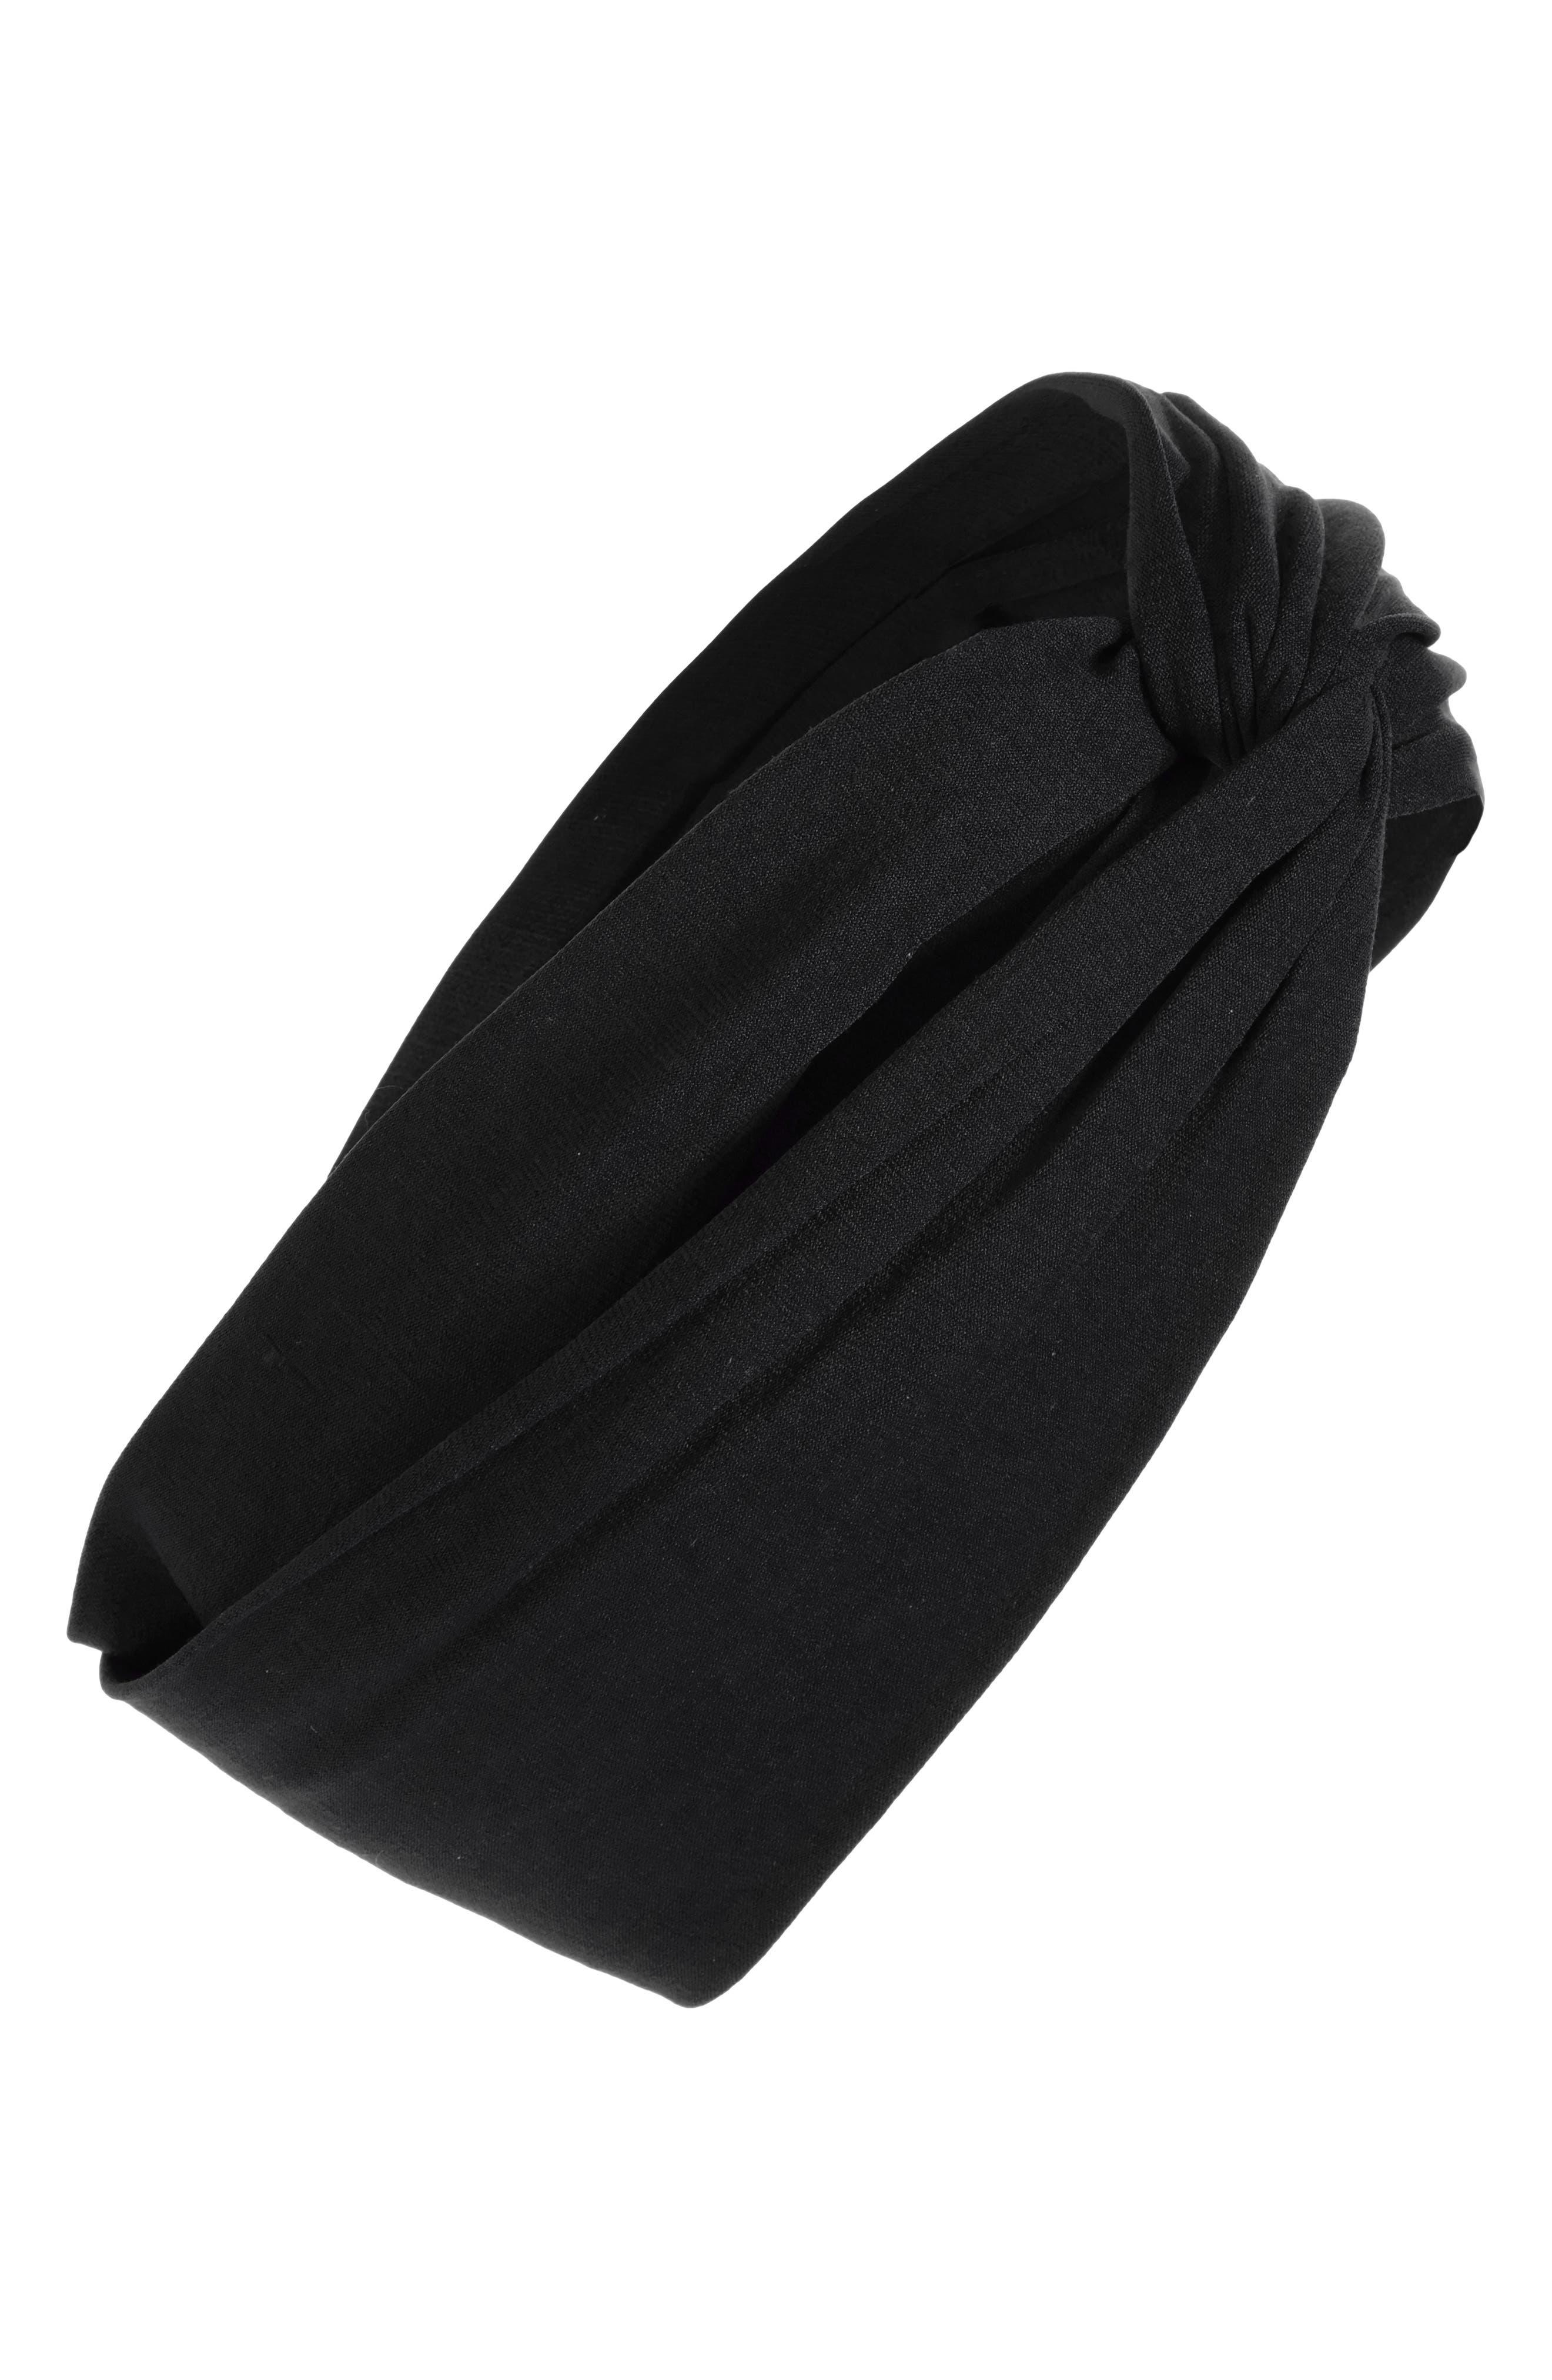 Alternate Image 1 Selected - Tasha Turban Head Wrap